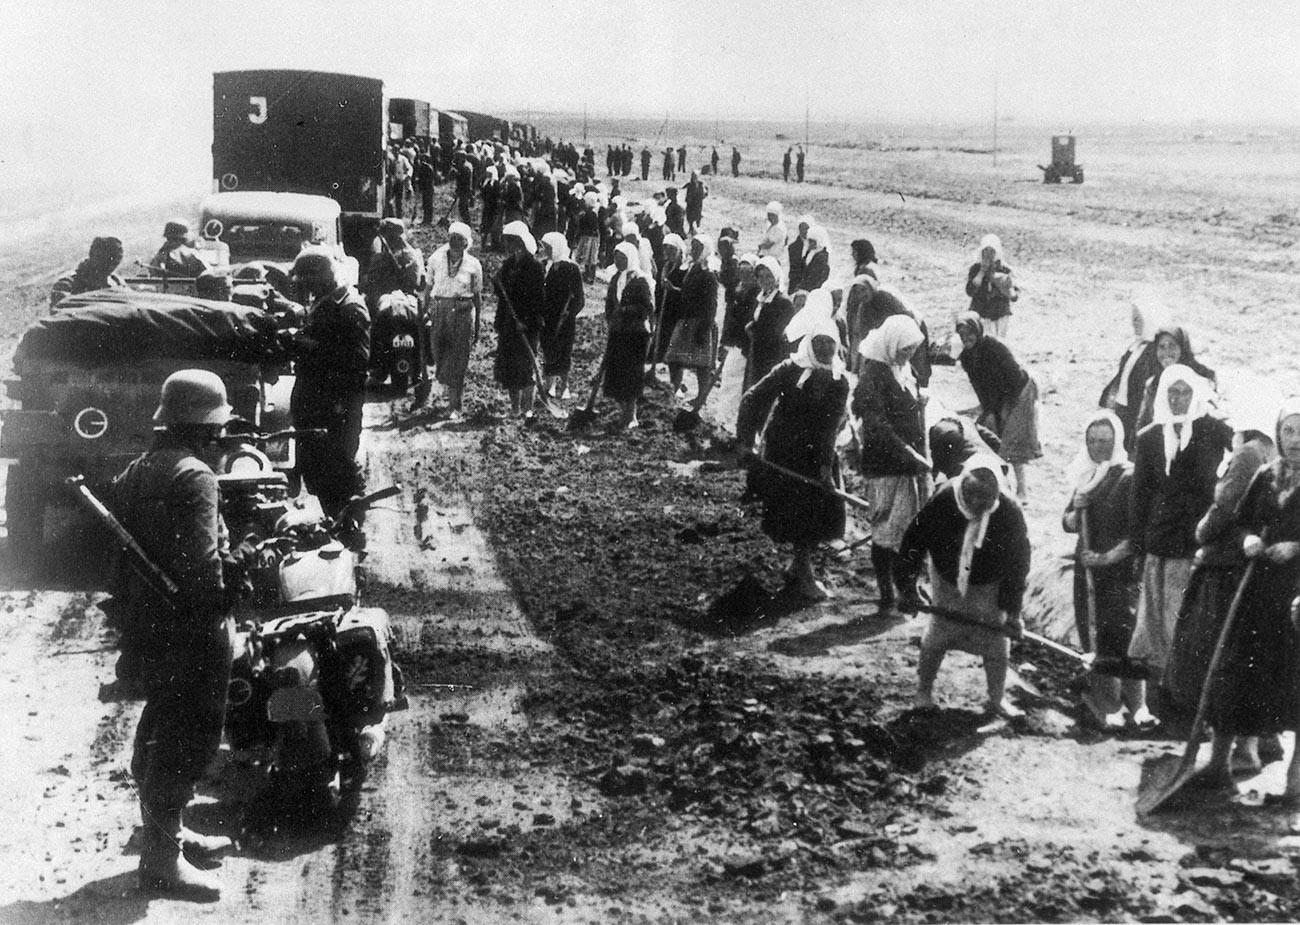 Sovjetski državljani med prisilnim delom pod nadzorom nemških vojakov